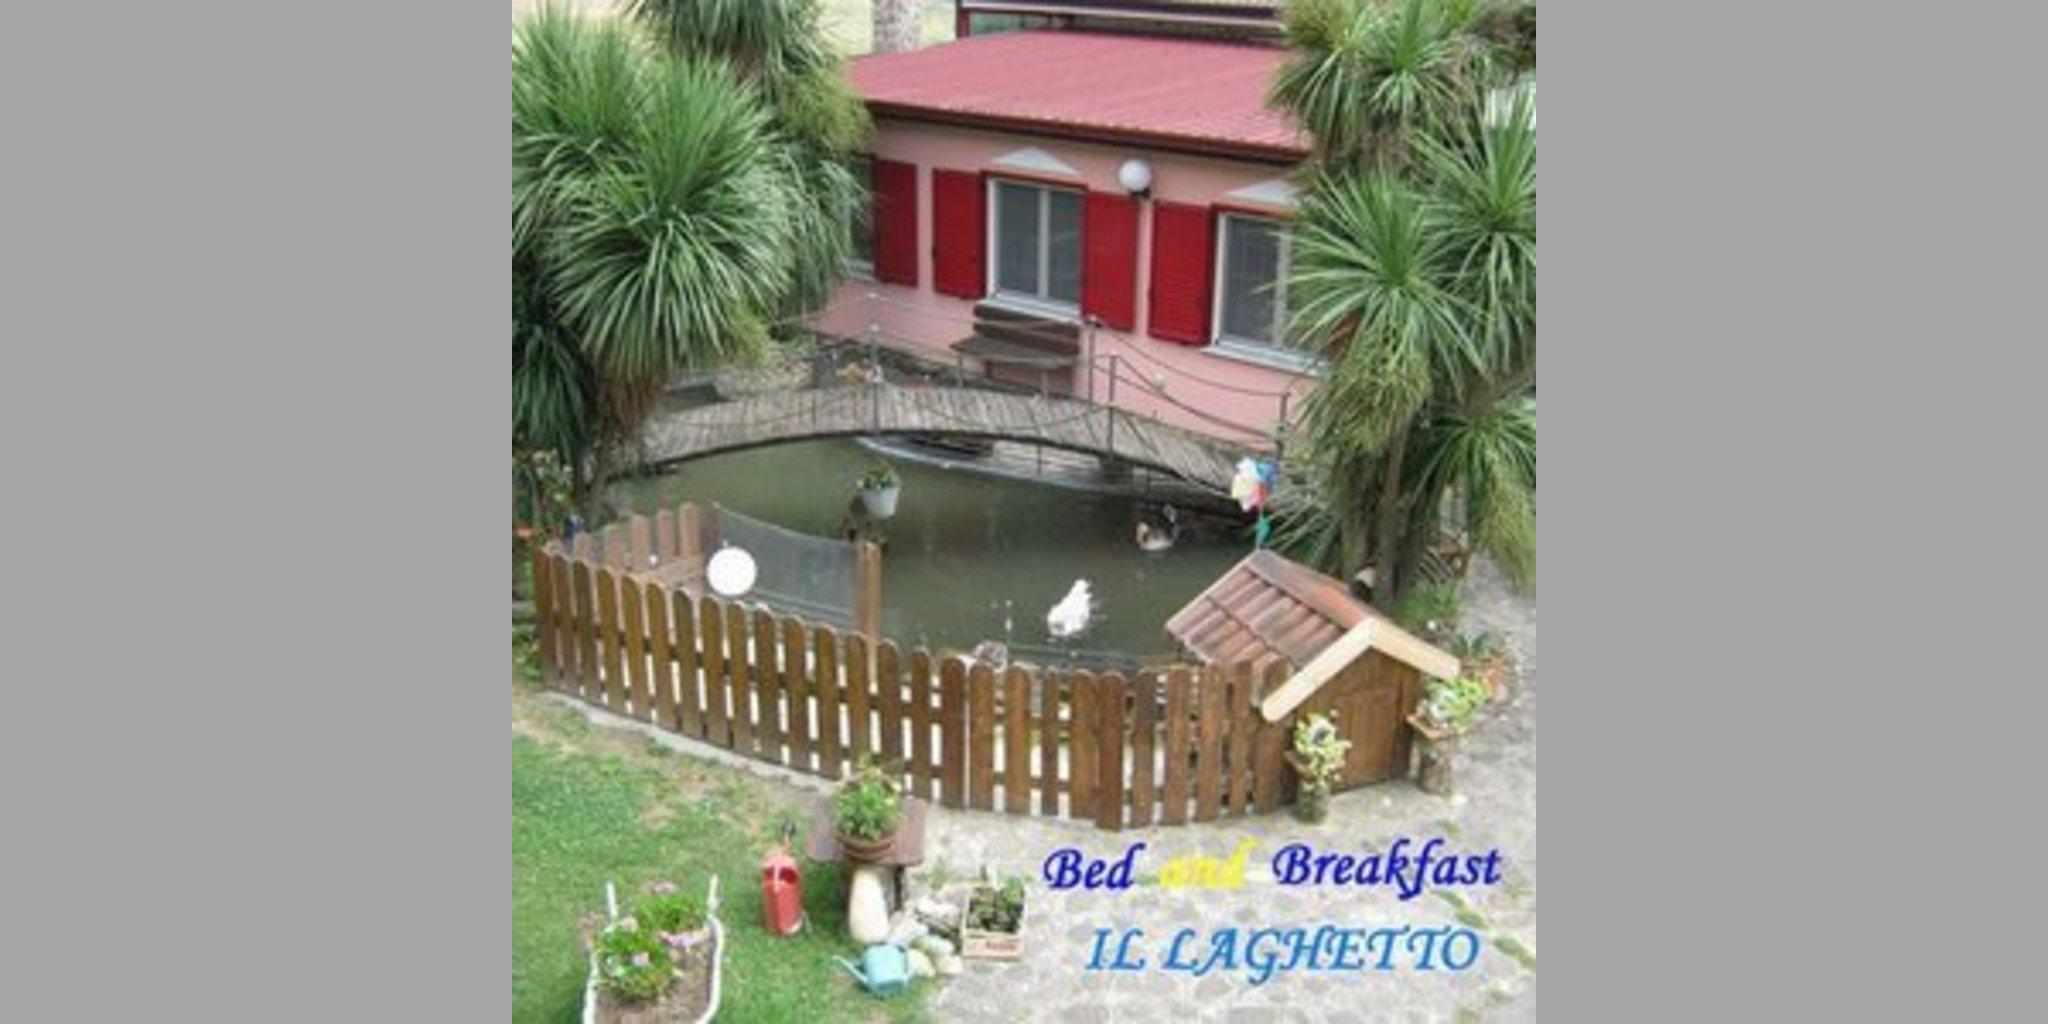 Bed & Breakfast Castrovillari - Castrovillari